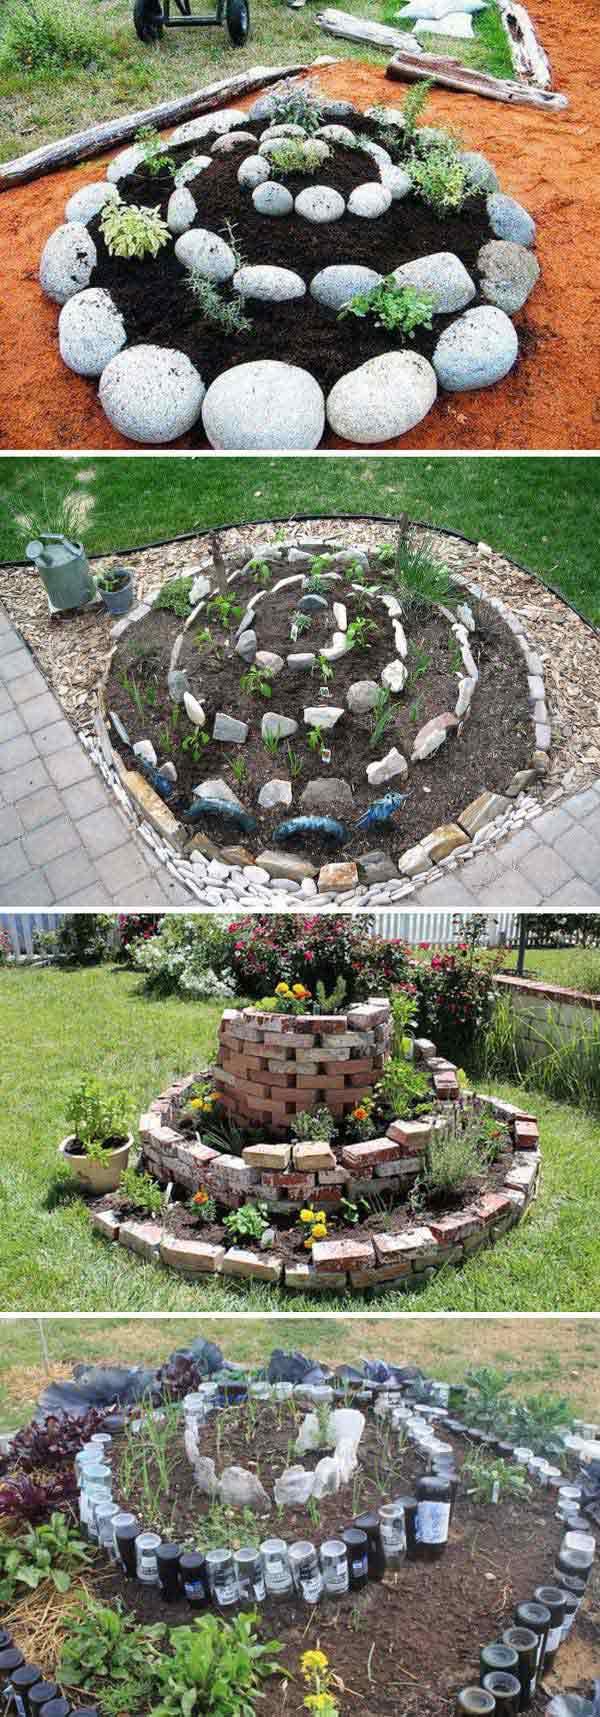 Grow Vegetable Garden 03